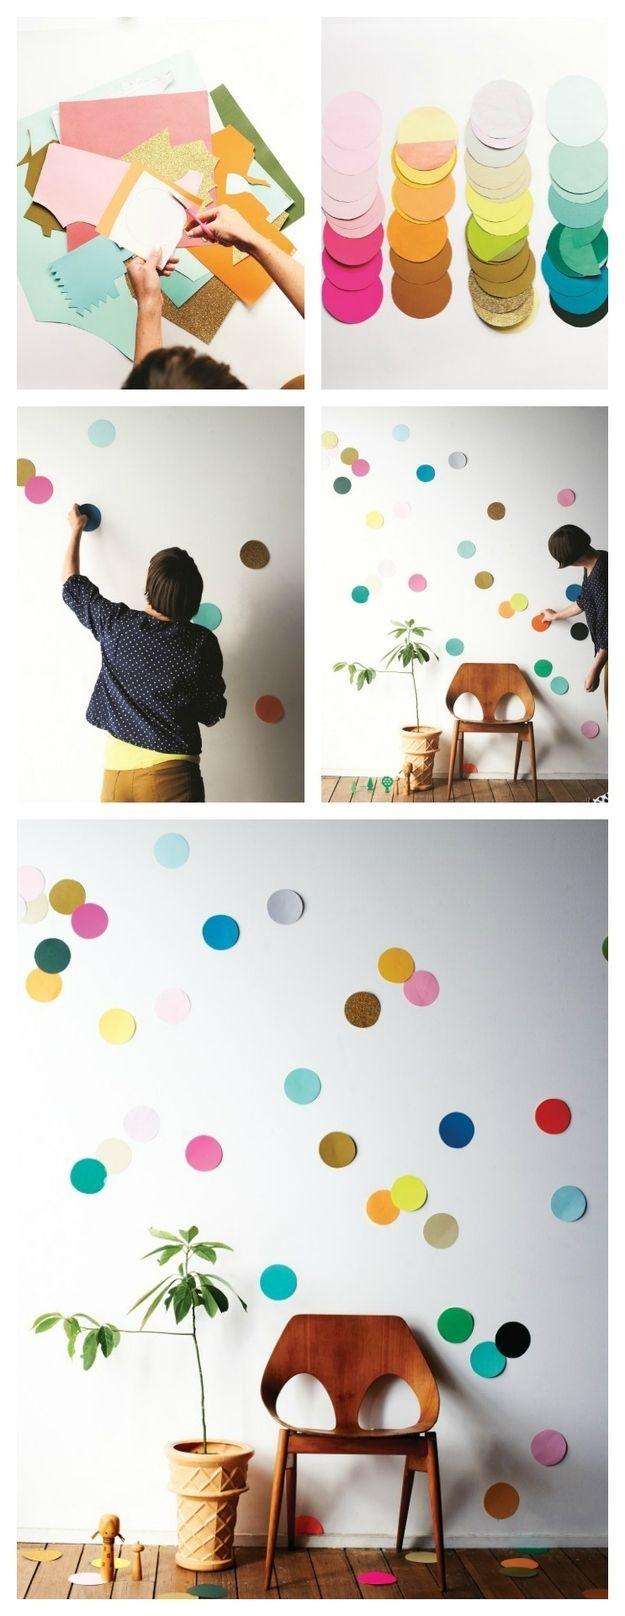 Pared decorada con confeti. #Wall decor with confetti. #decoration